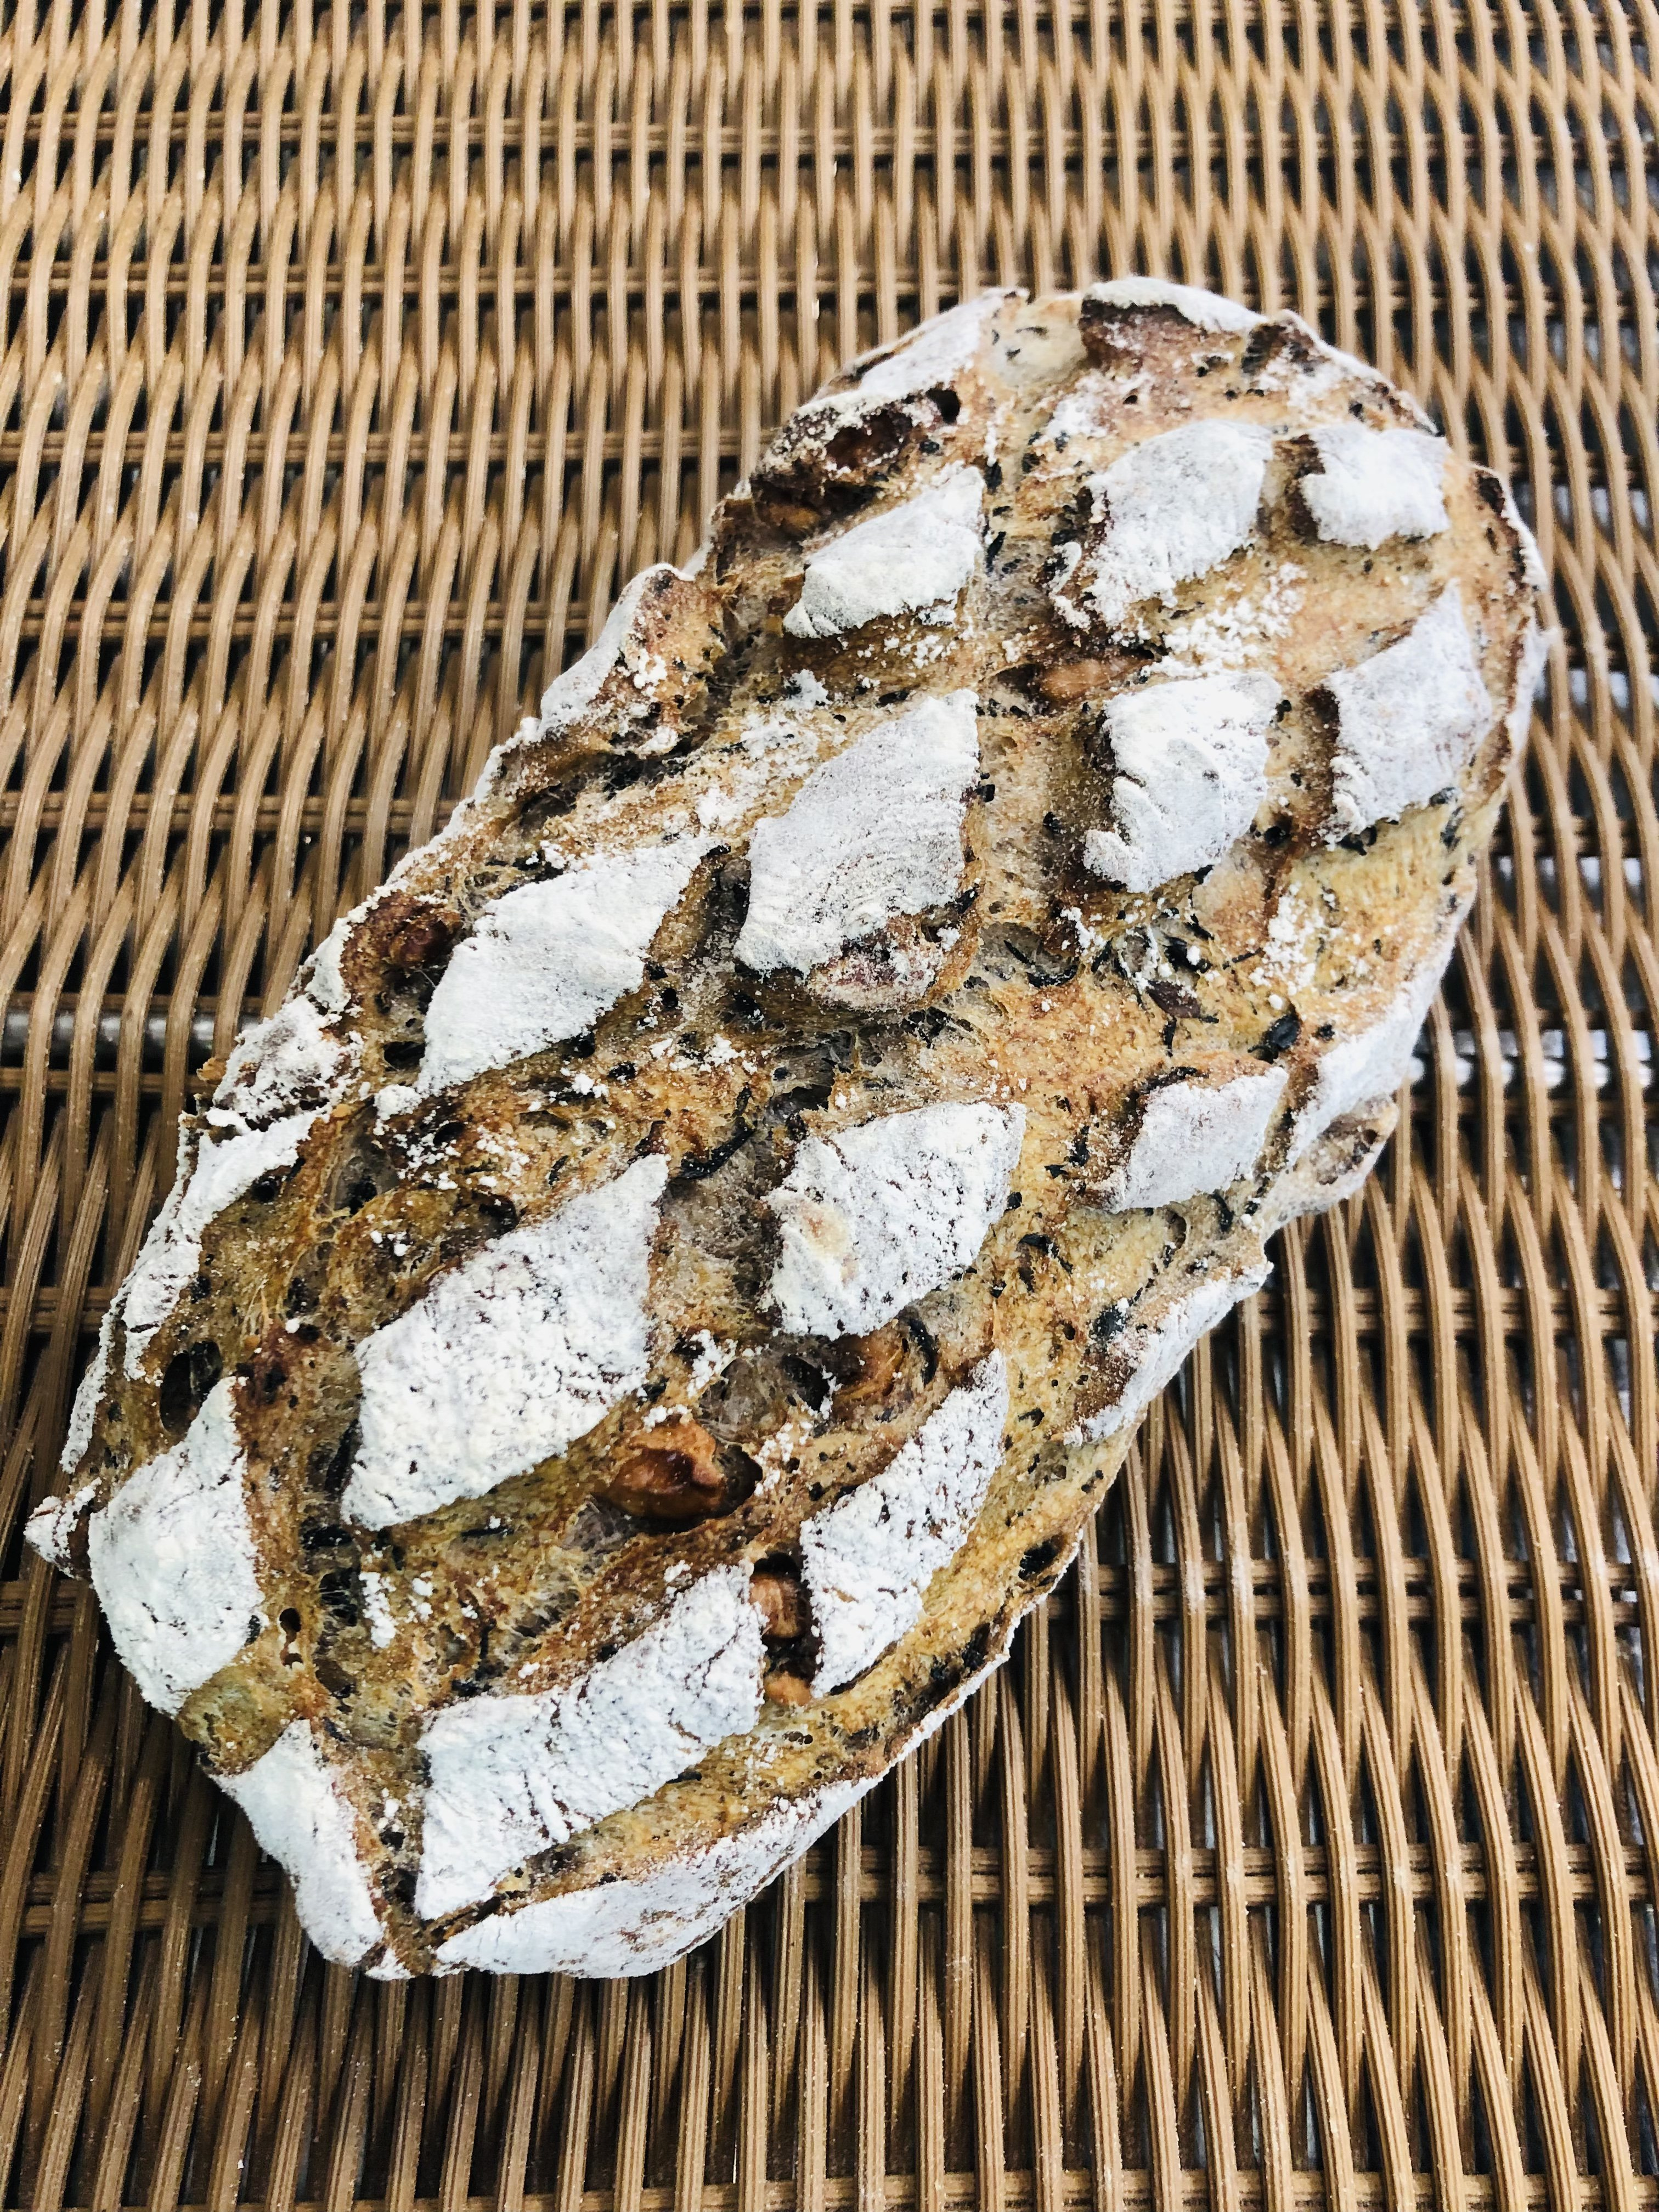 ペイザンテール(くるみと生わかめをたっぷり練り込んだ田舎パン)のイメージその1